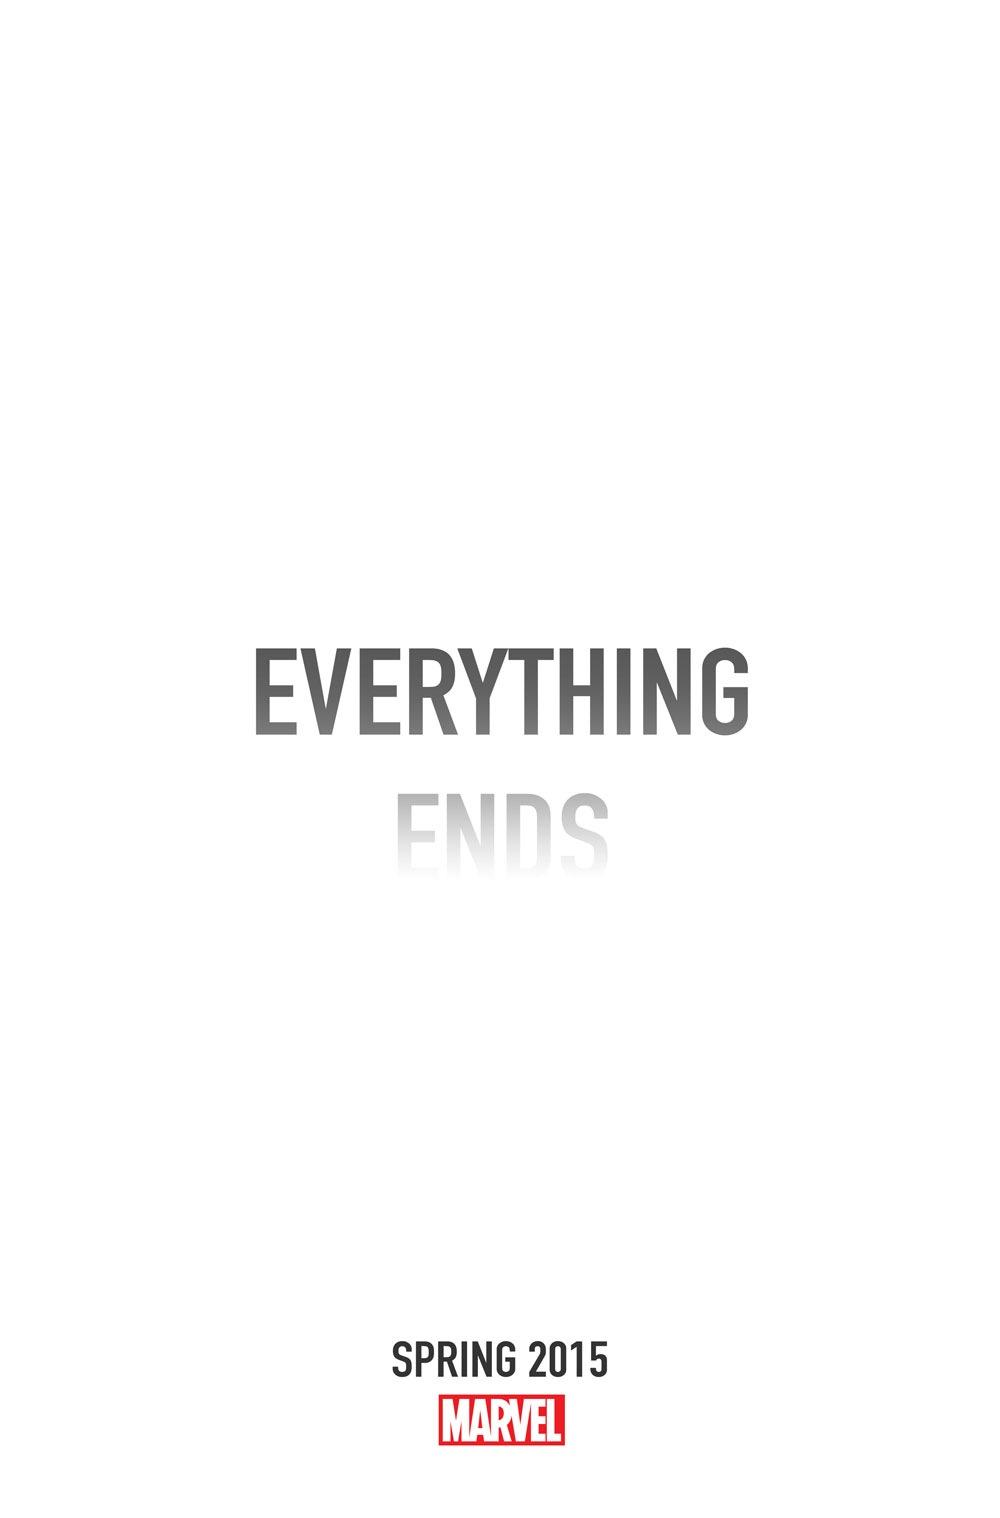 Everything_Ends_2015.jpg